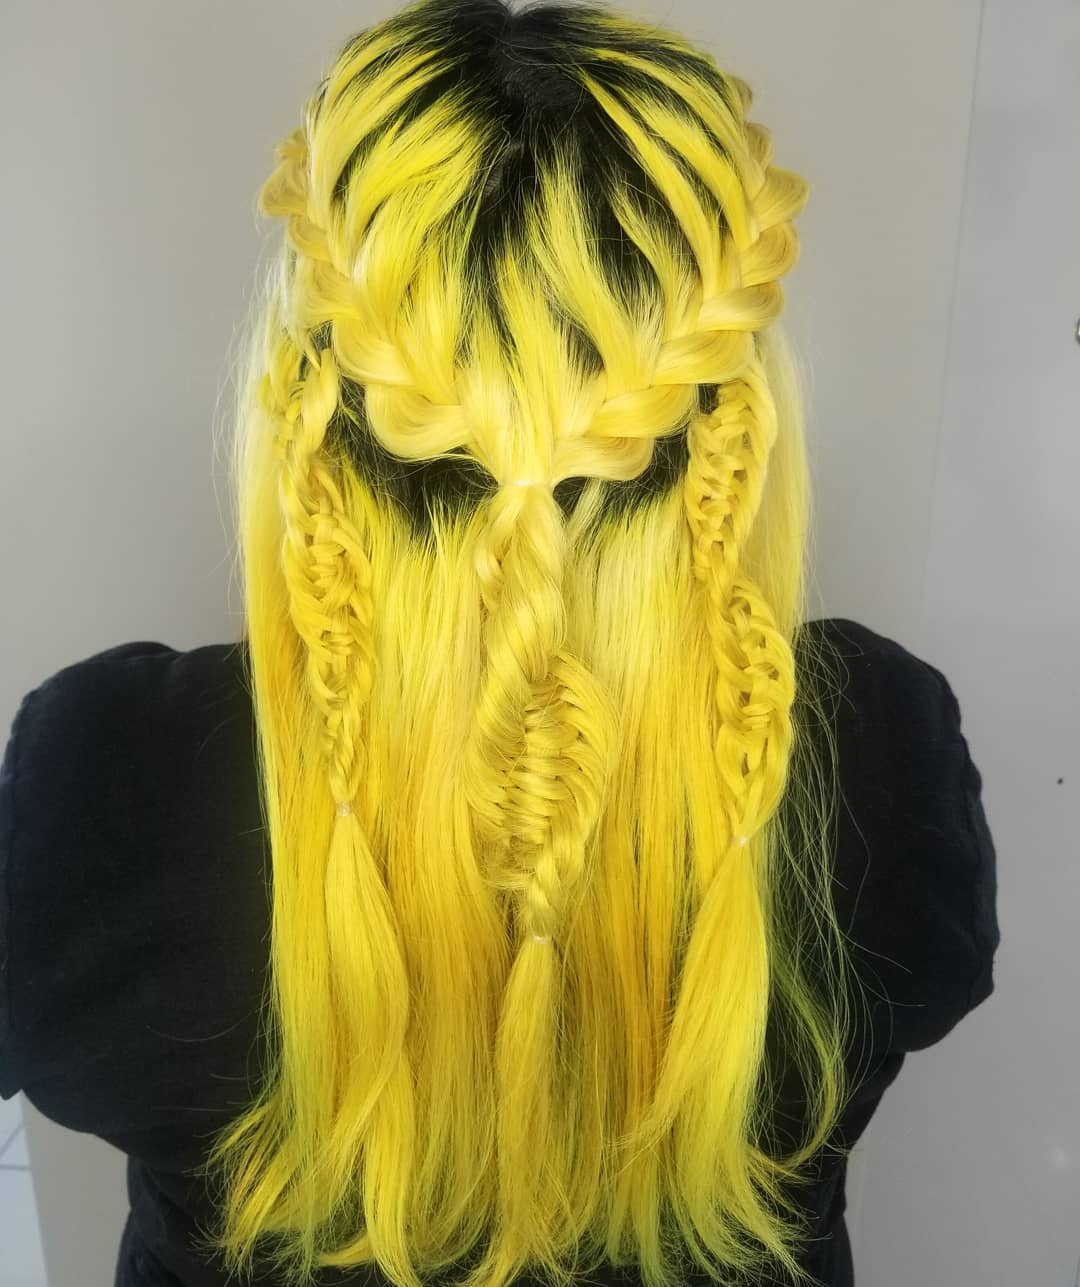 Chica de cabello amarillo con una trenza ADN